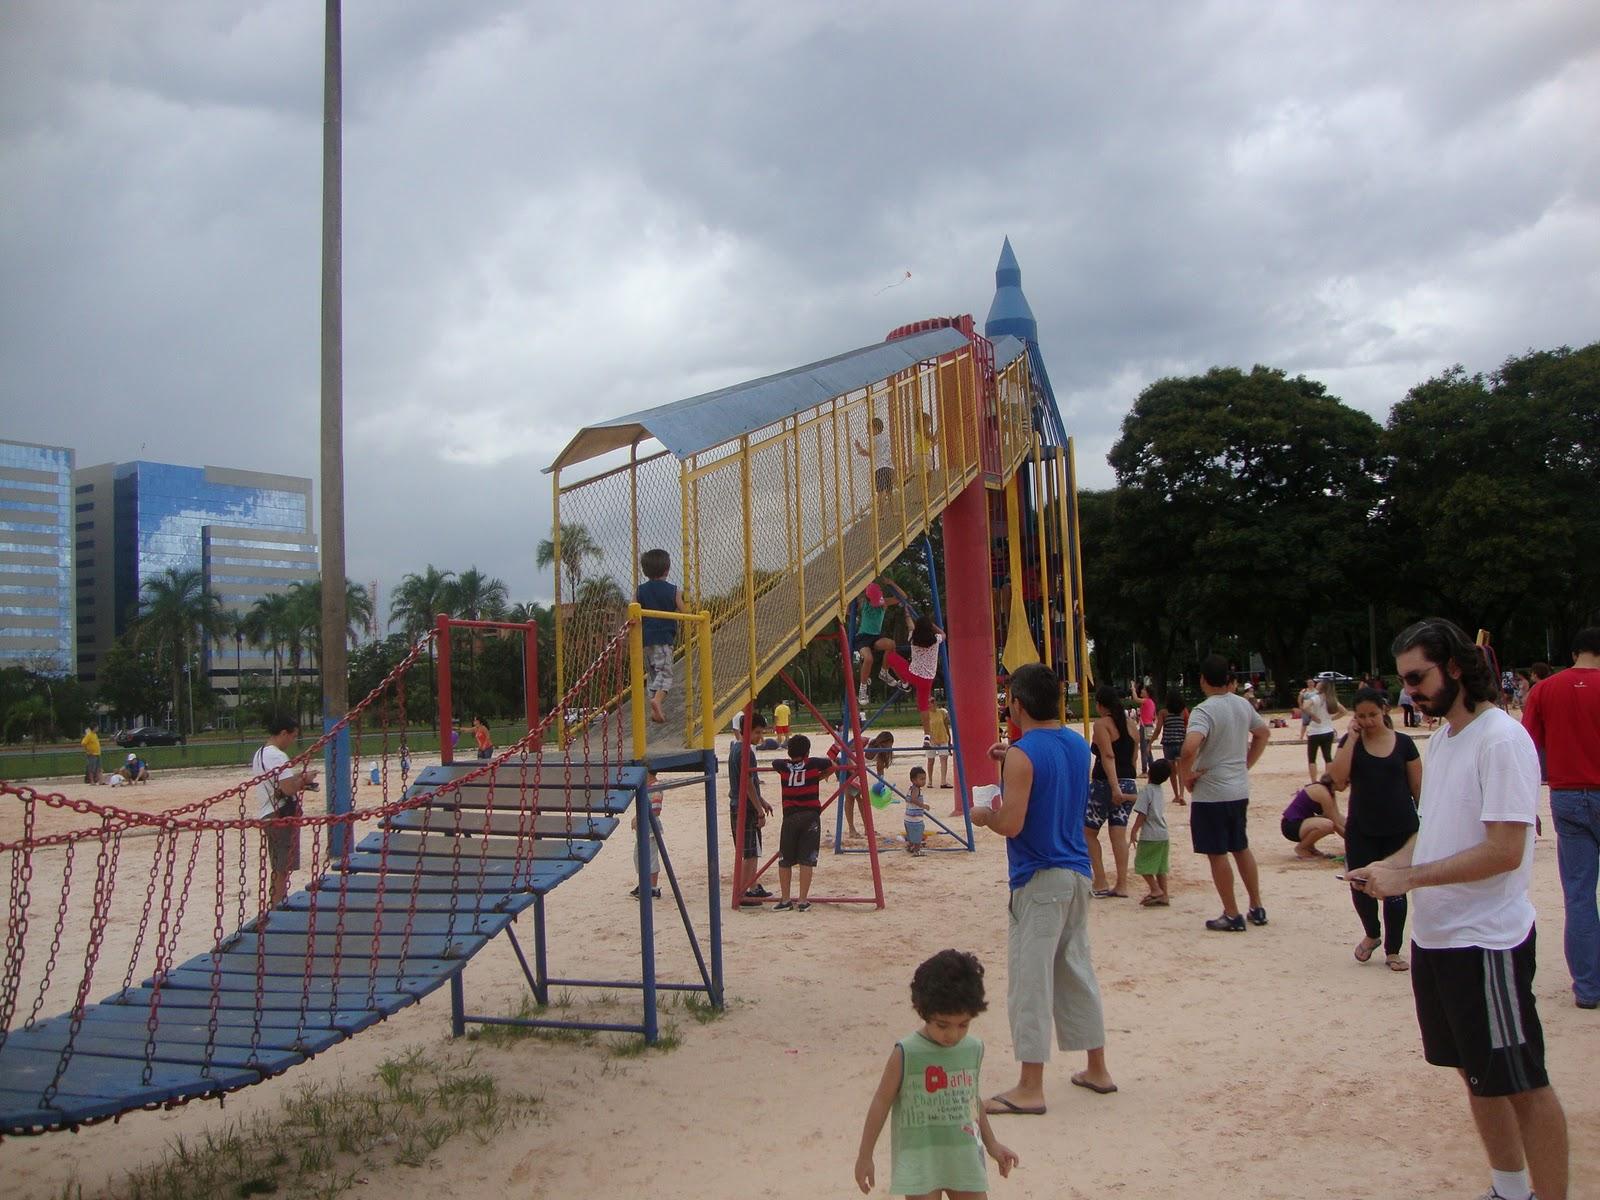 Crianças Se Divertindo No Parque: Viajando Com Crianças: Parque Do Foguete